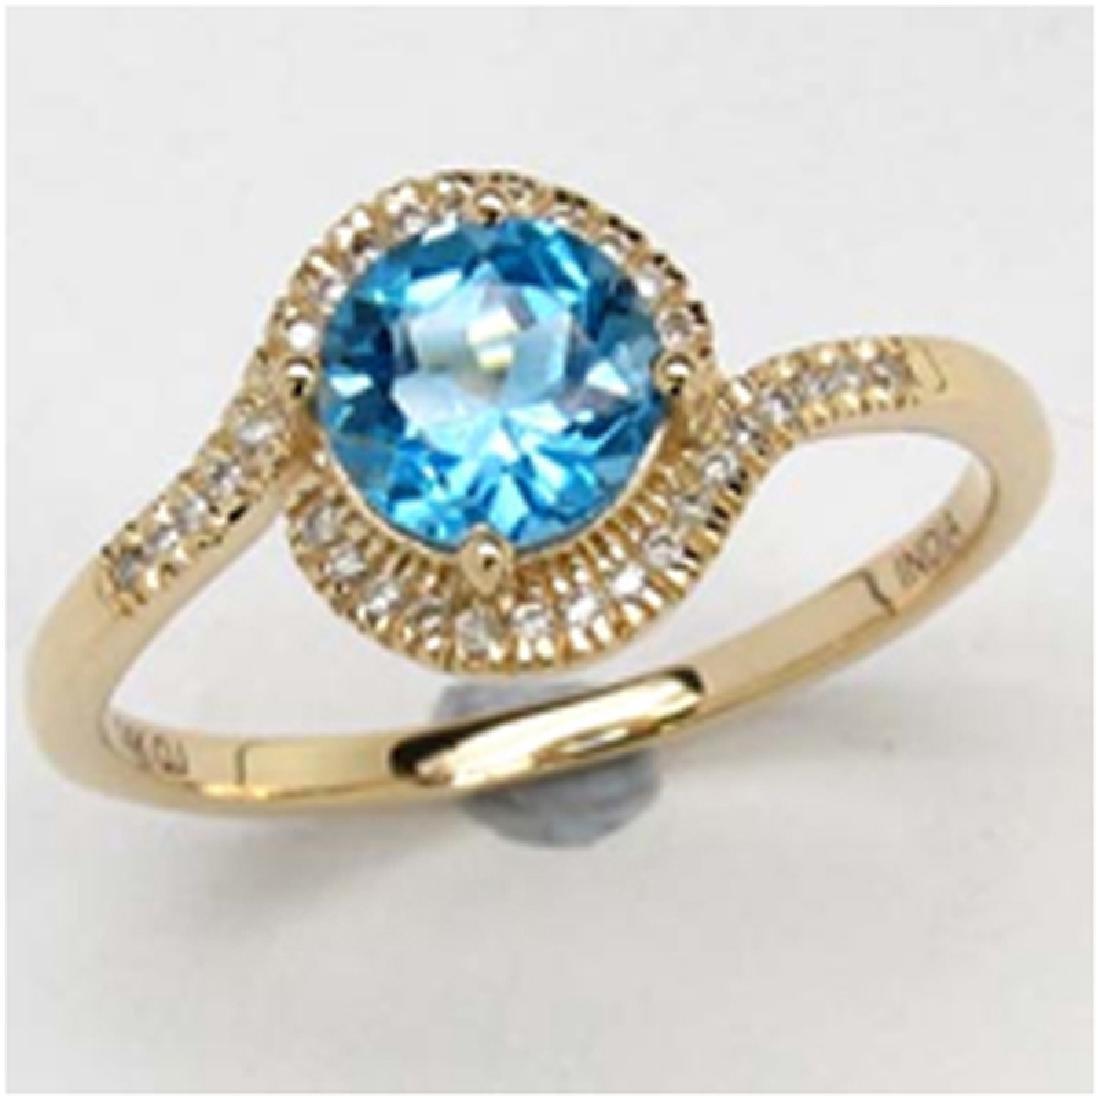 *Fine Jewelry 14K Gold, 2.18CT Swiss Blue Topaz Round